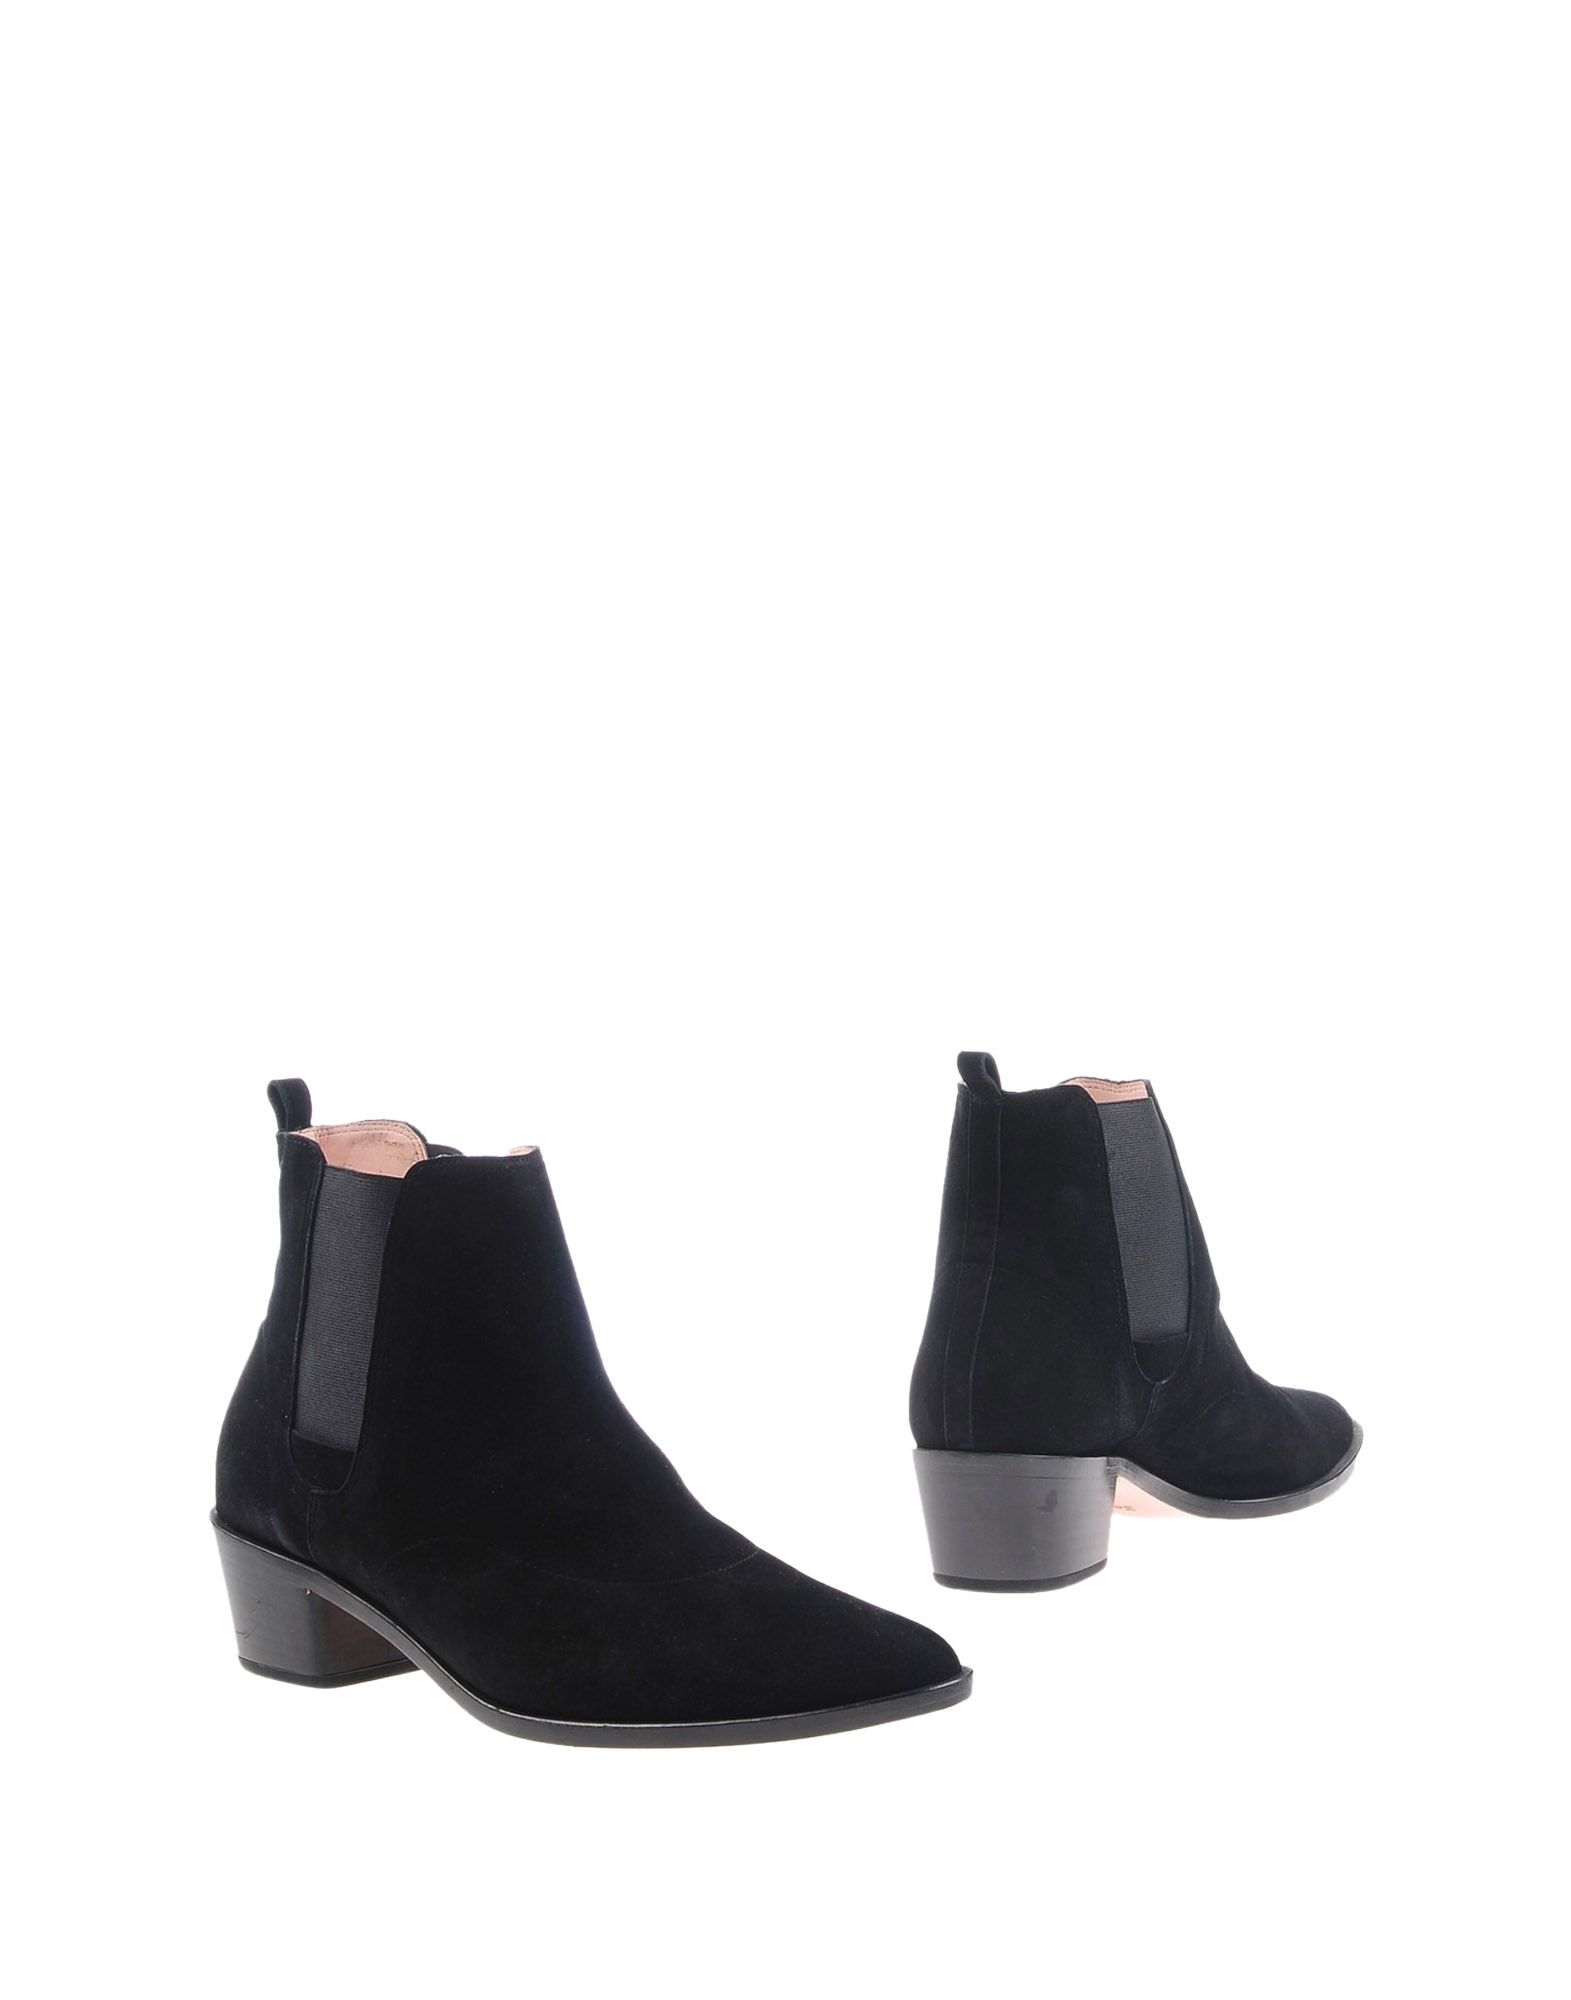 REPETTO Полусапоги и высокие ботинки цены онлайн